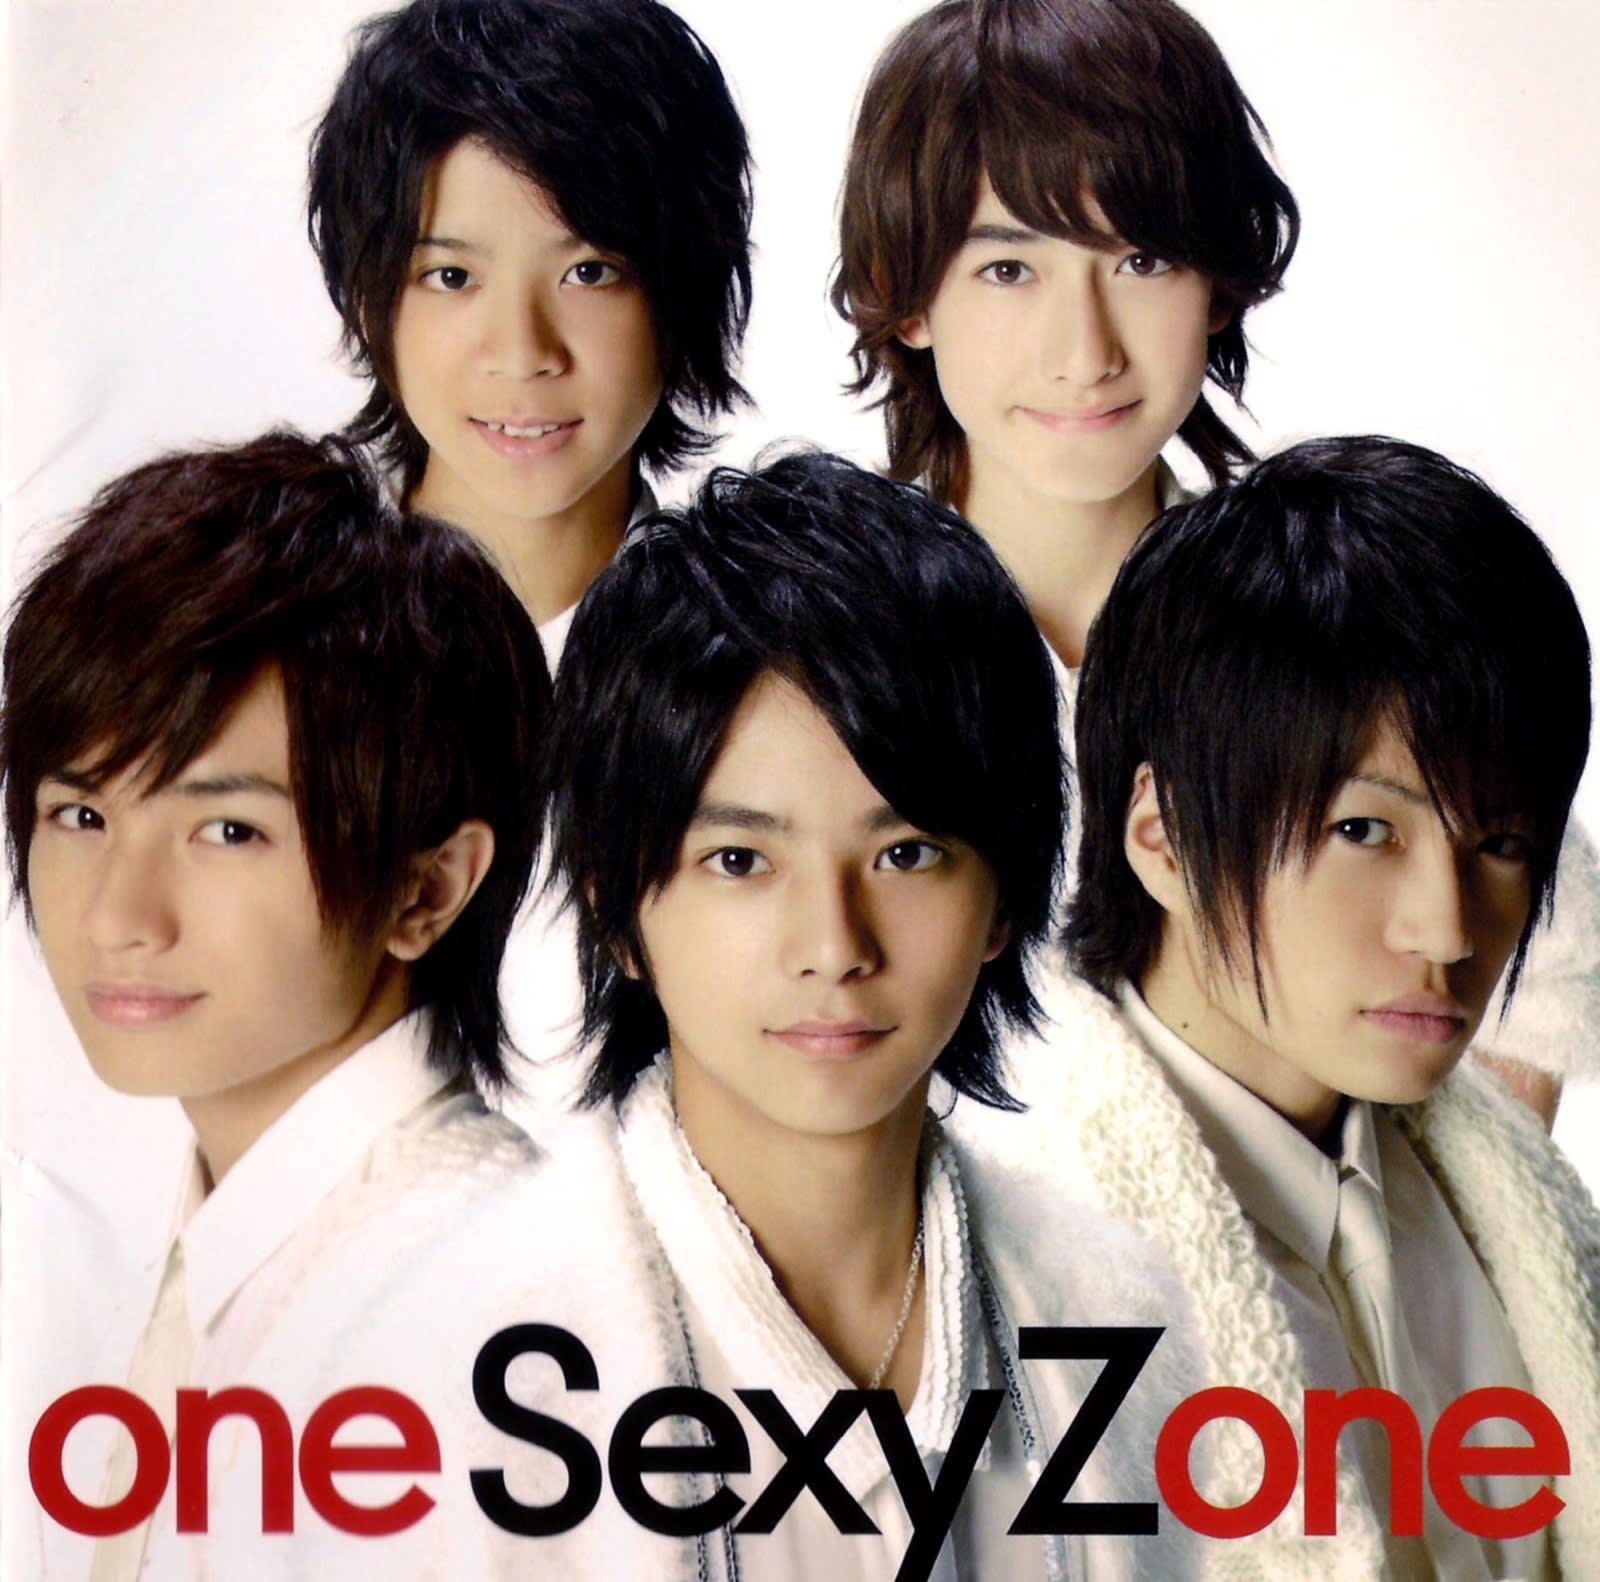 Sexy Zoneの画像 p1_38